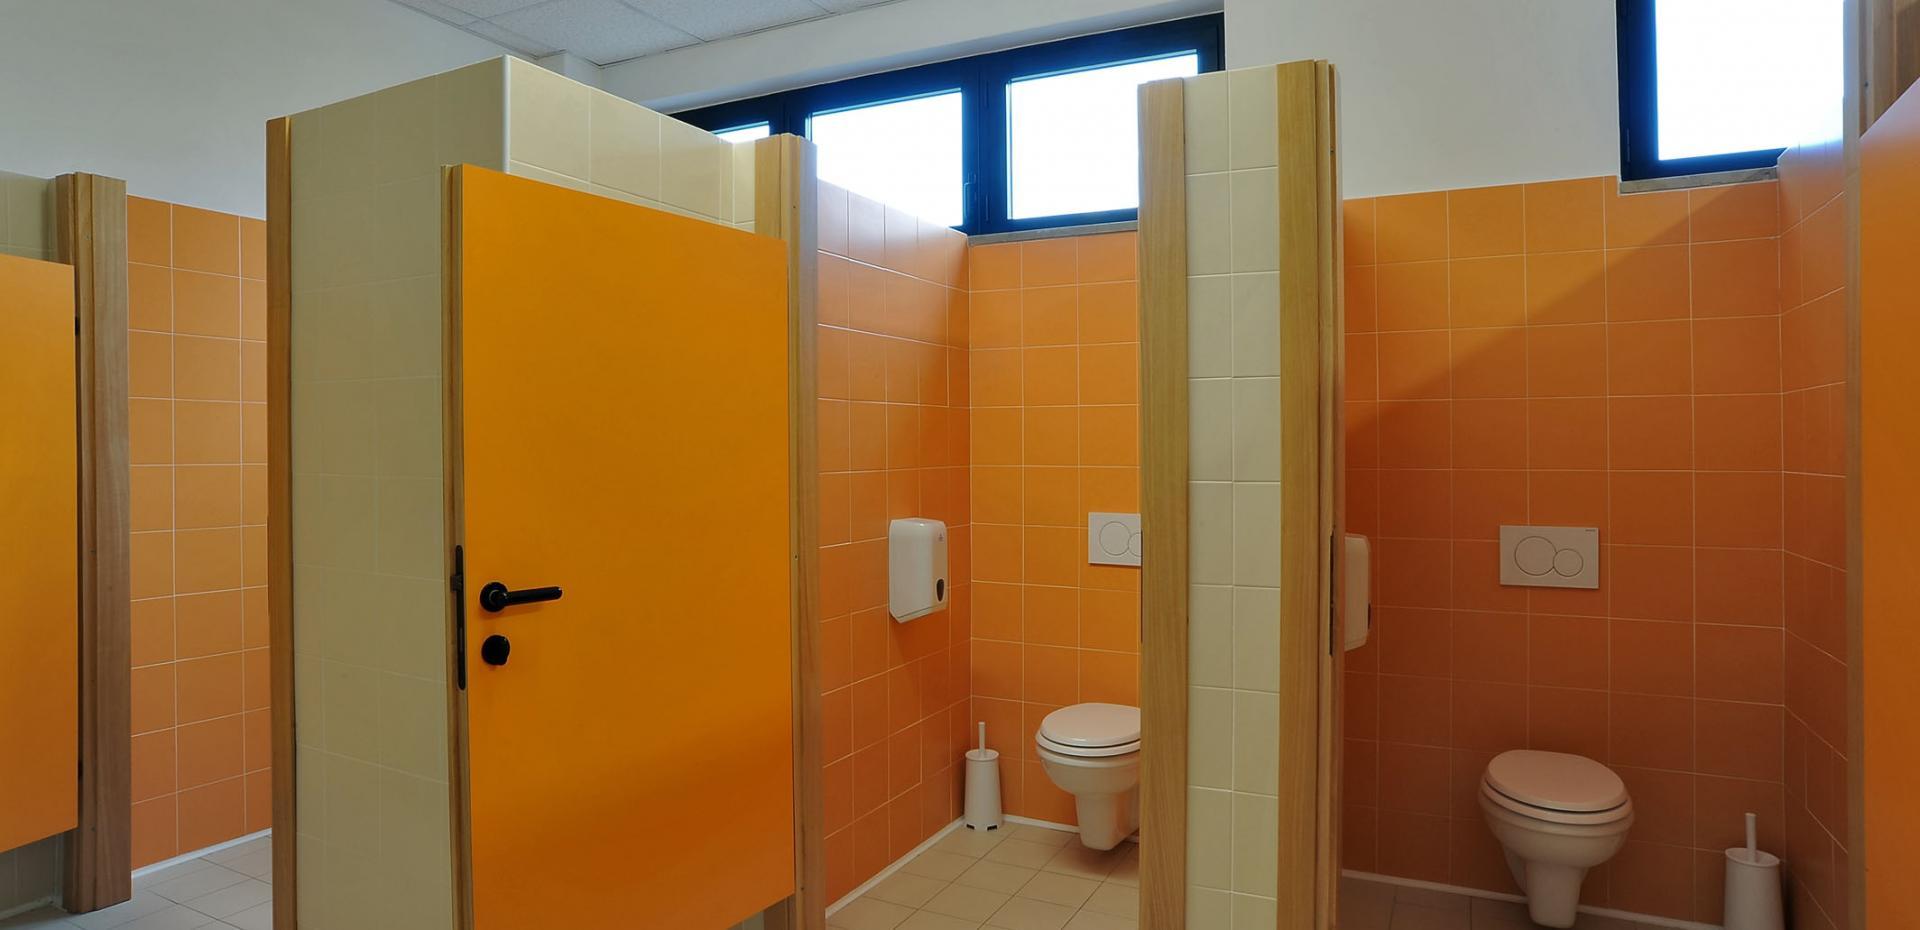 Casa dei bambini scuola montessori di milano - Pompino in bagno scuola ...